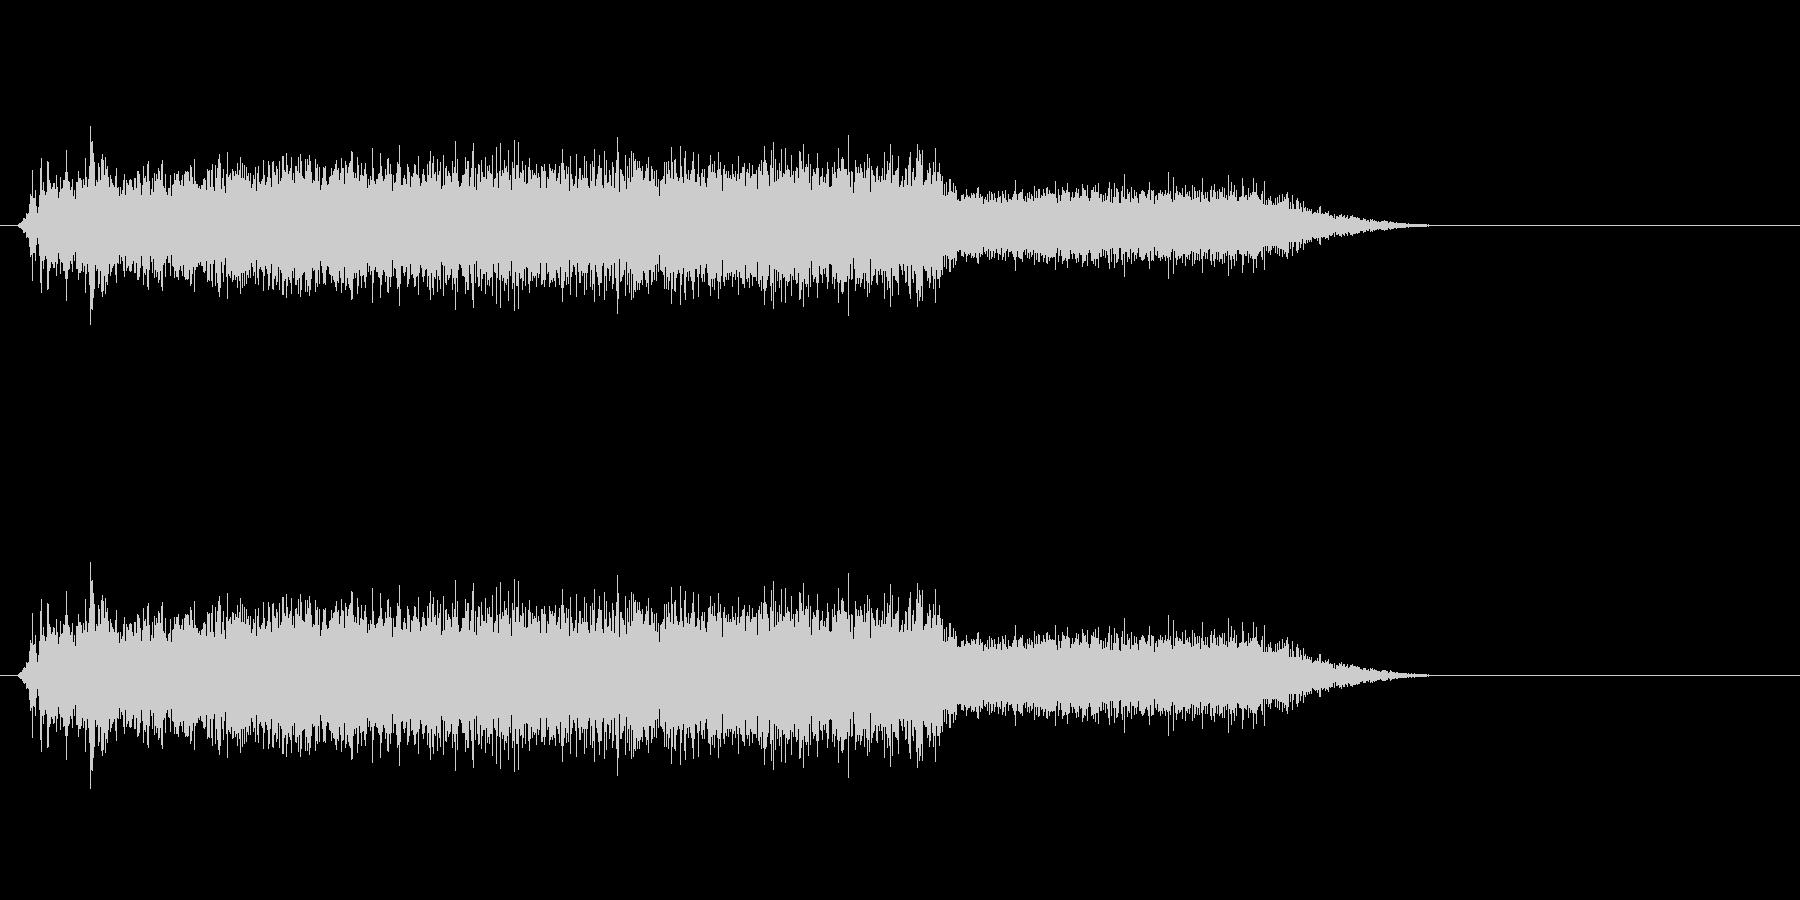 コピー機・レーザープリンタ動作音#1の未再生の波形